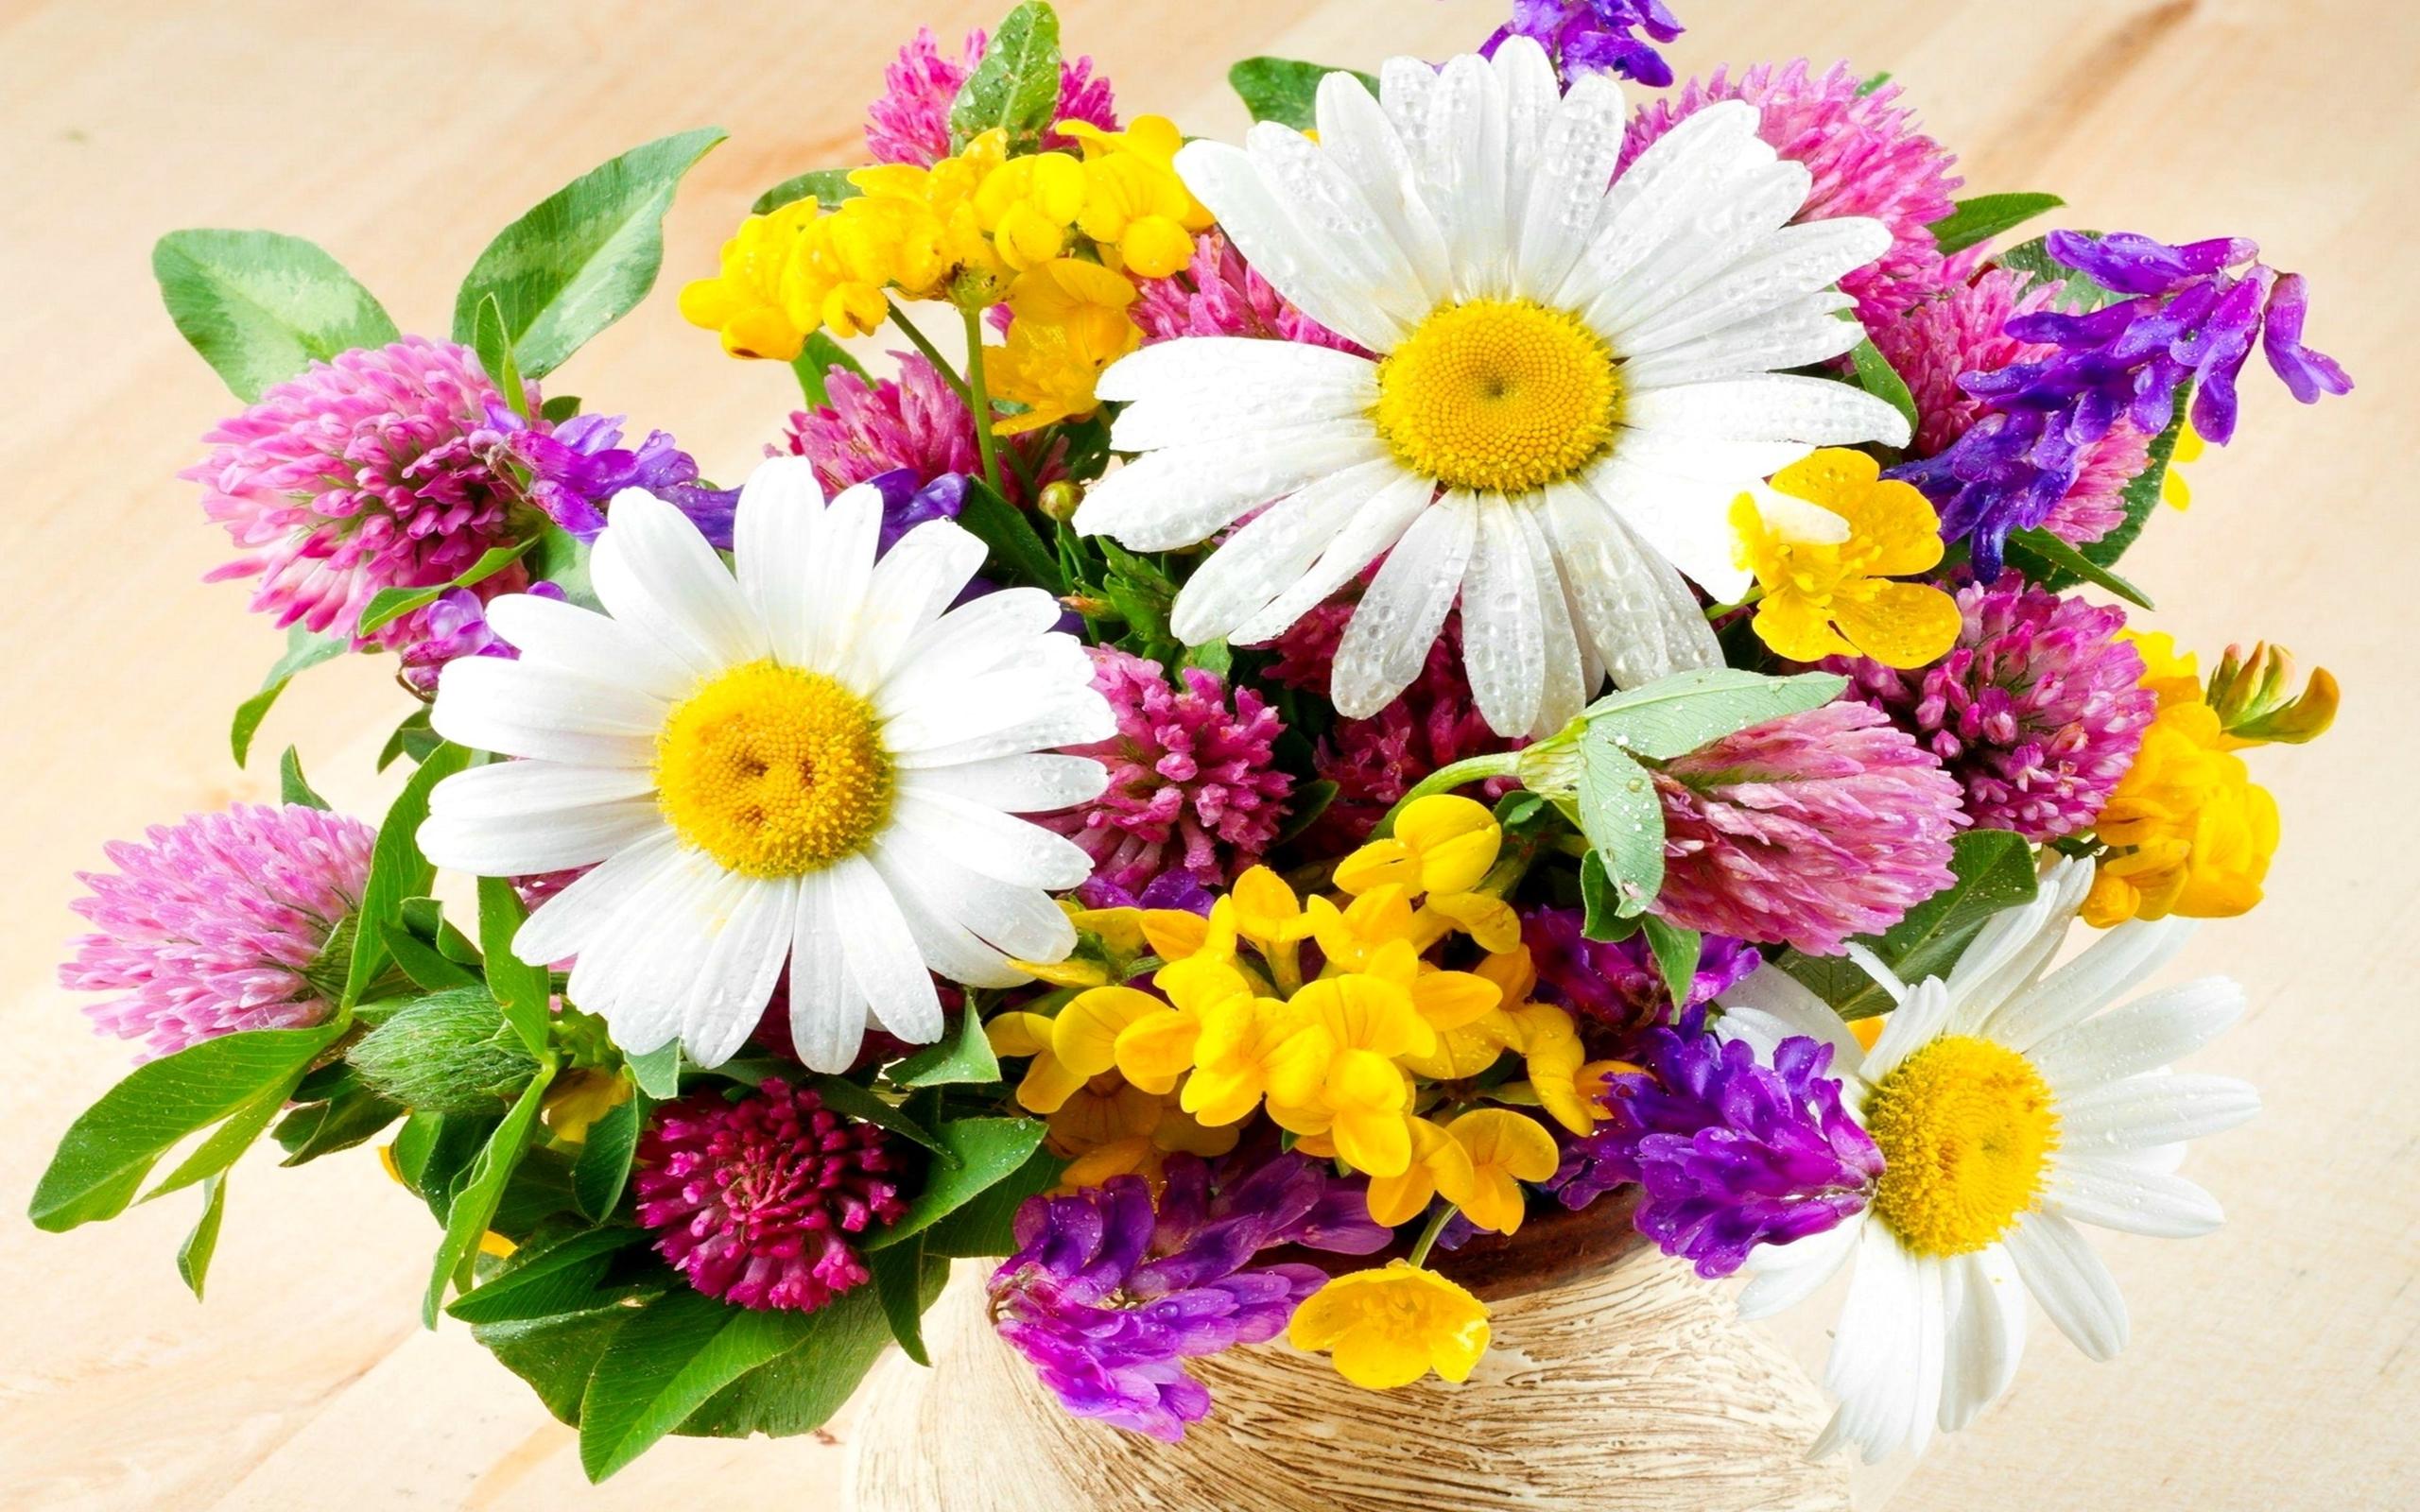 Bouquet Colorful Flower 2560x1600